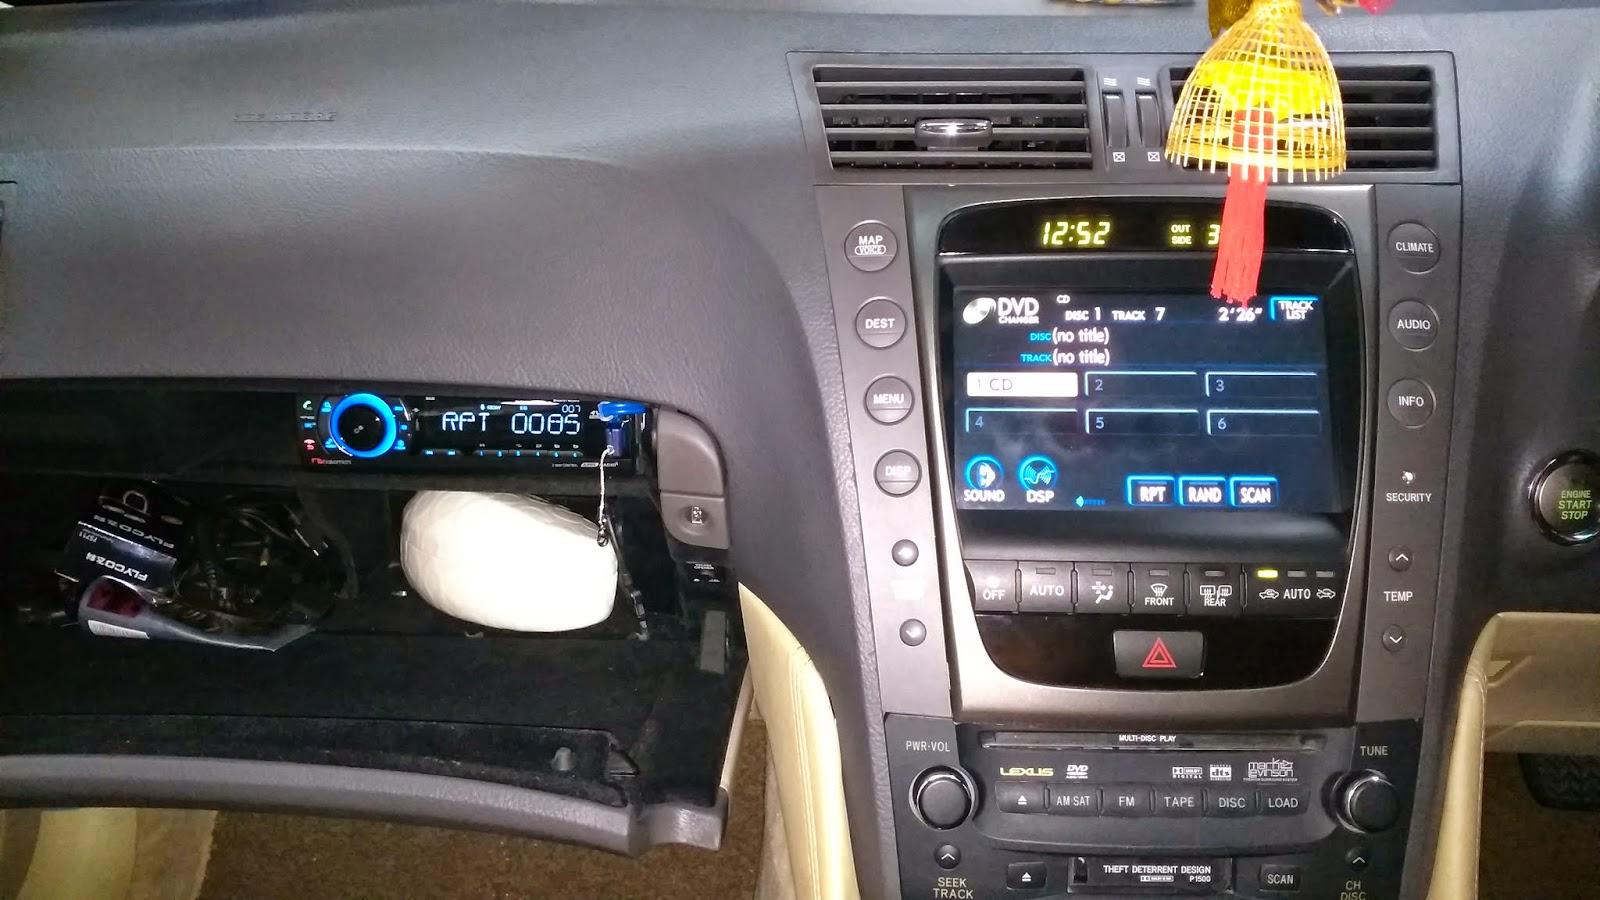 EB AUDIO: lexus gs300 Mark Levinson car audio /passive crossover